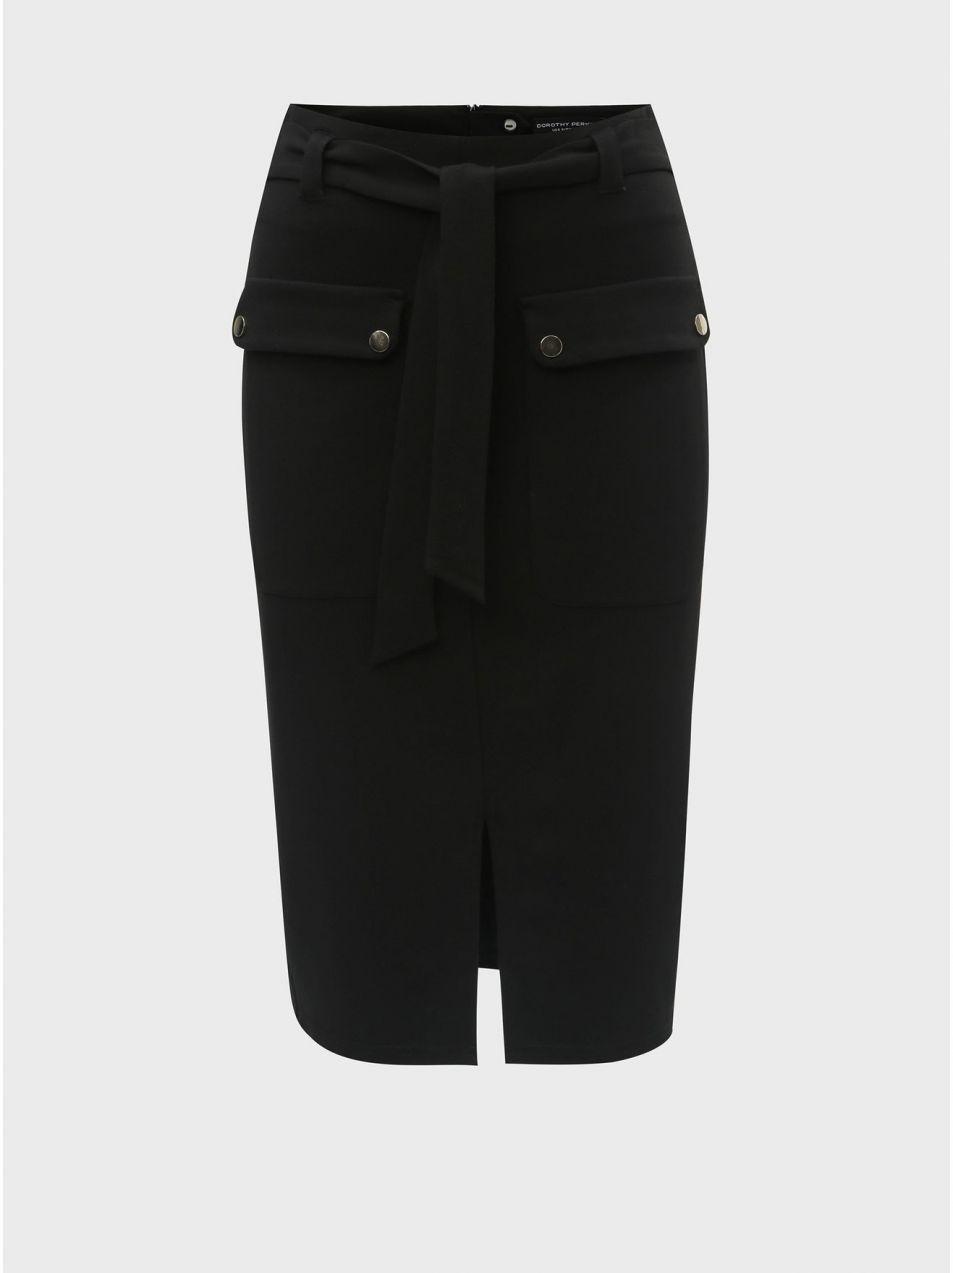 594886db0de8 Čierna puzdrová sukňa s vreckami Dorothy Perkins značky Dorothy ...